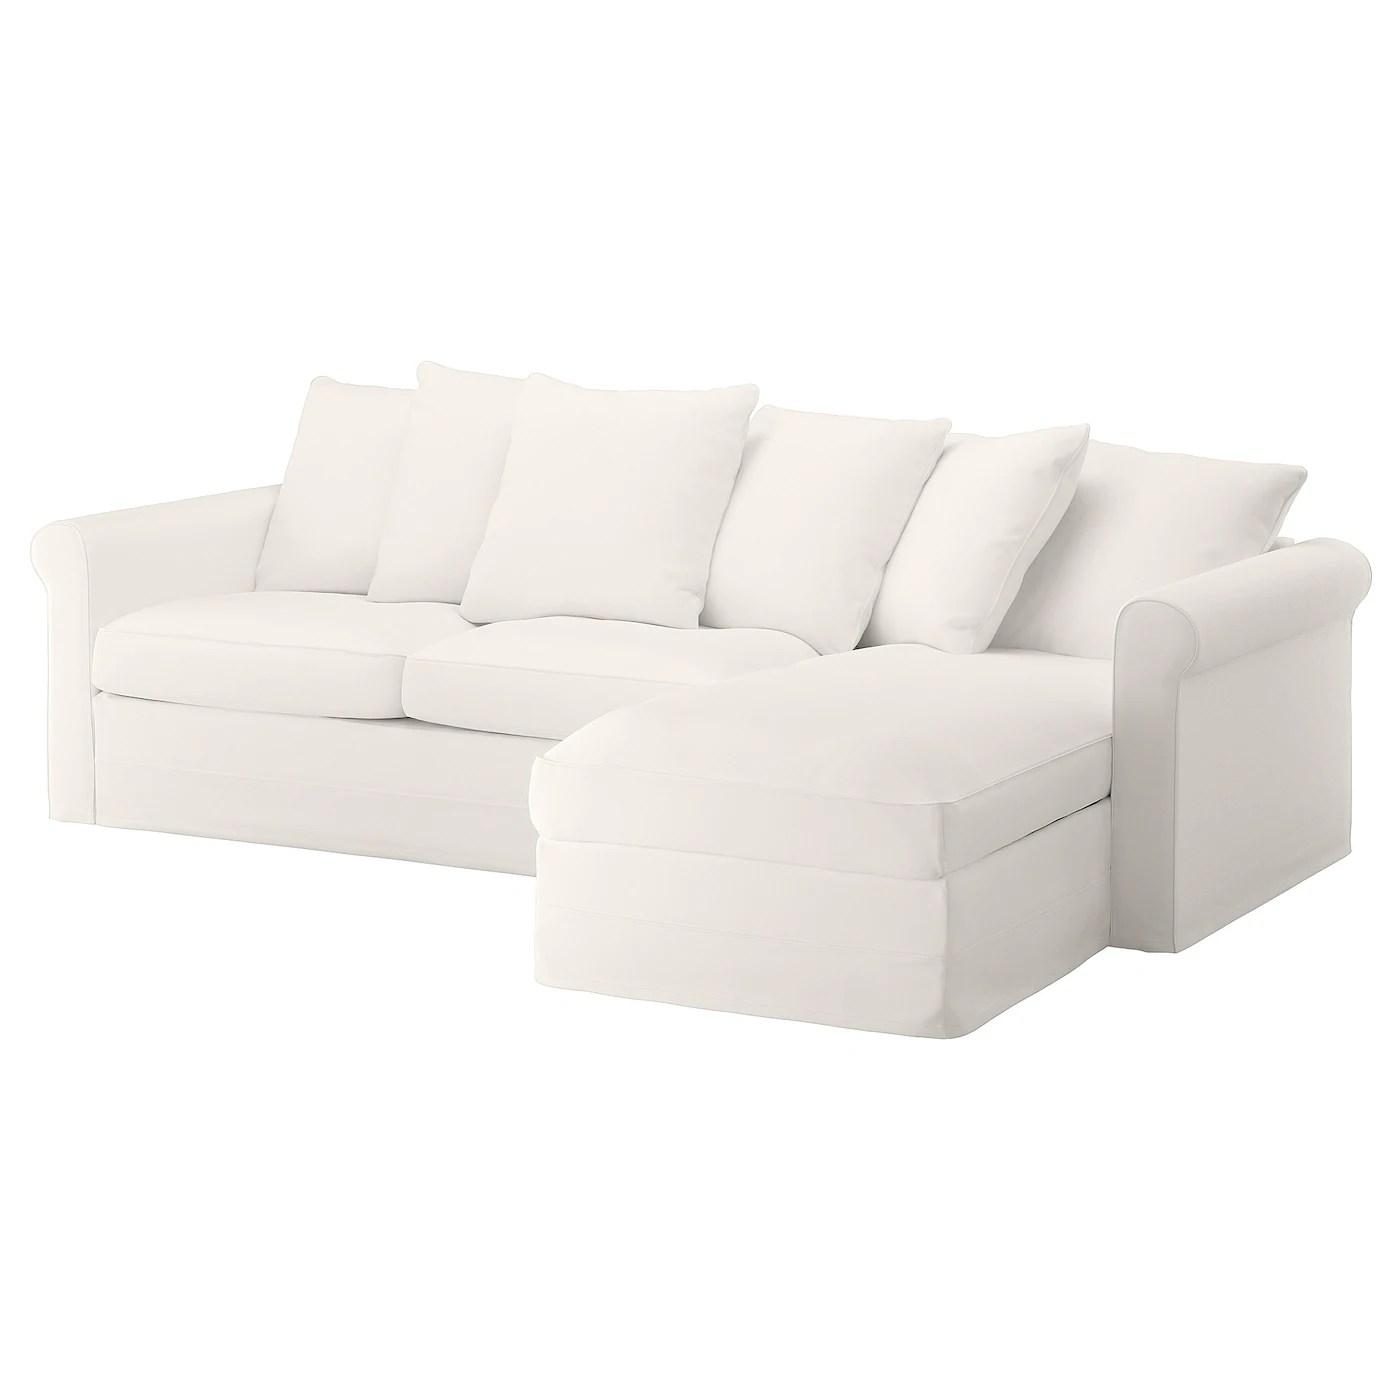 Canape Convertible Pas Cher Canape Lit Bz Ou Clic Clac Ikea